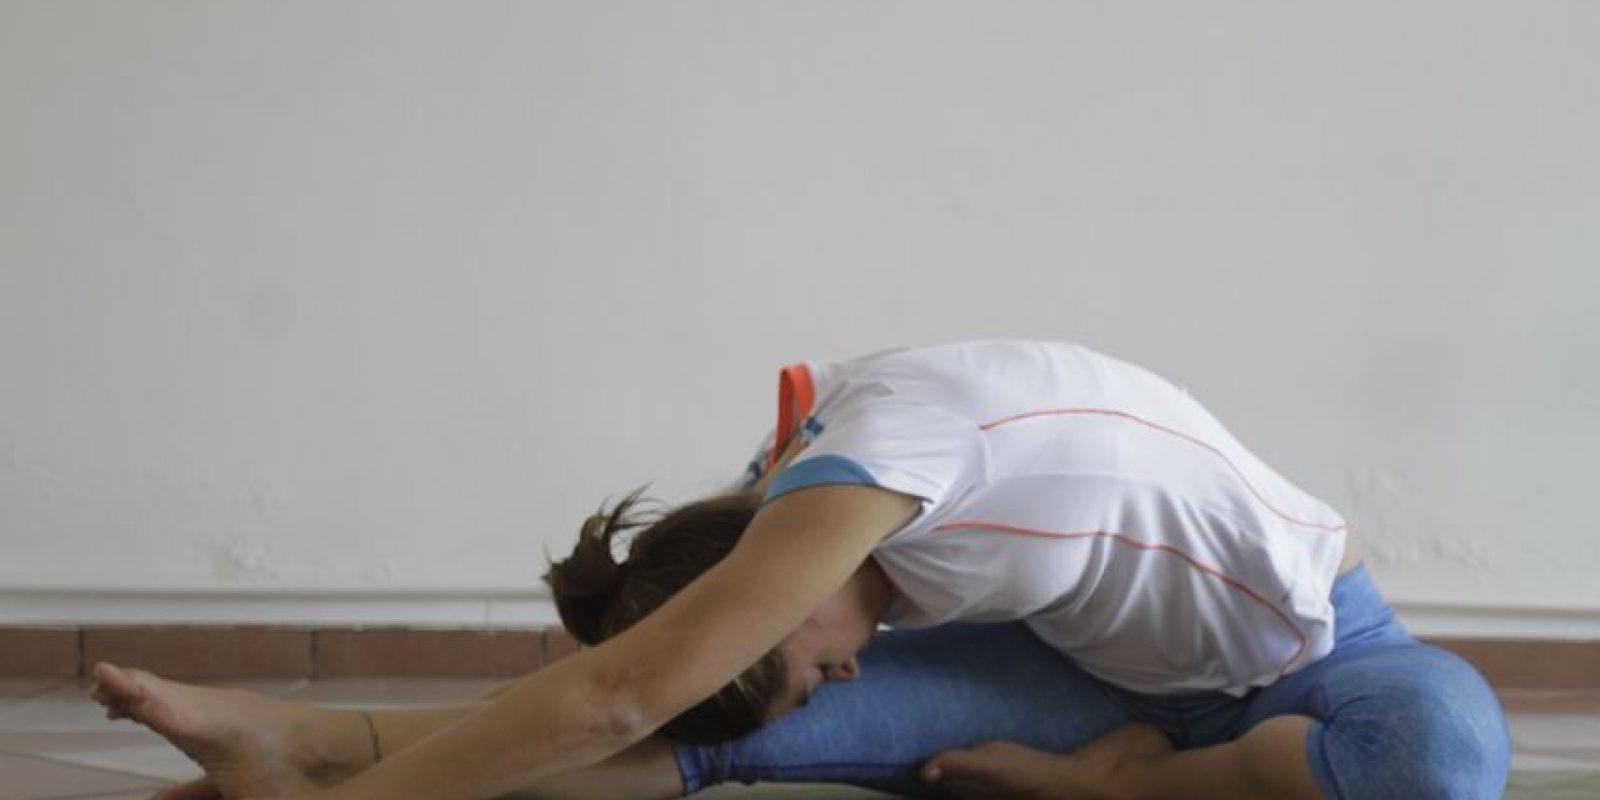 2- Manteniendo el pie en punta, llevamos el pecho hacia la rodilla y nos quedamos en esa posición por 3 respiraciones. Foto:Roberto Guzmán